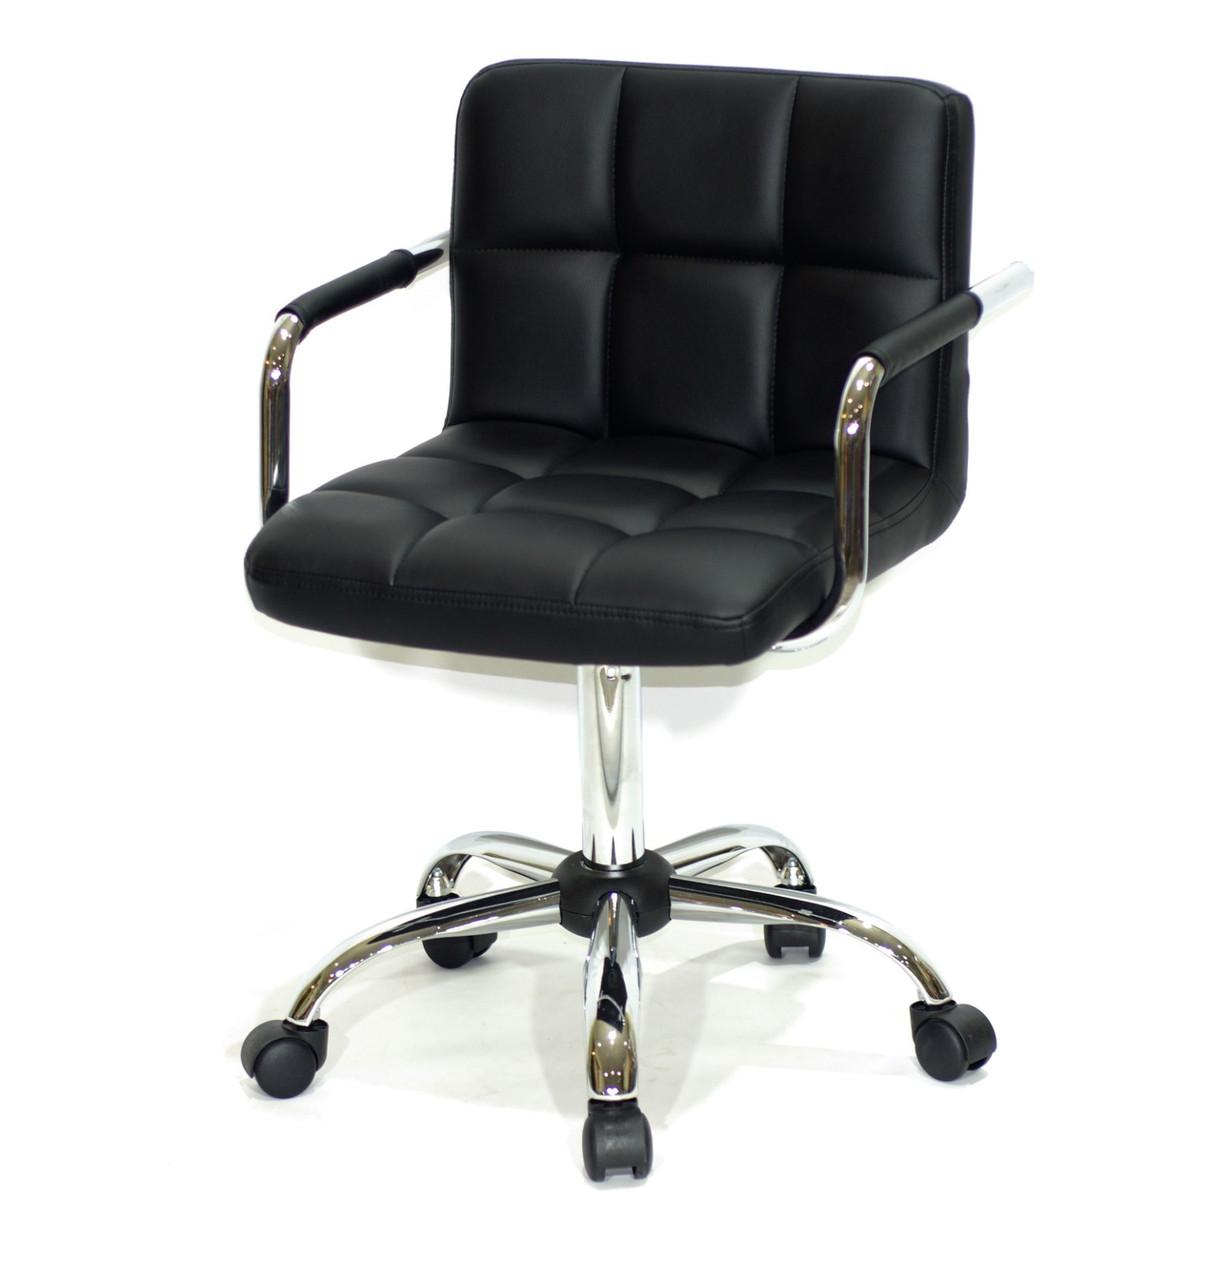 Черное кресло с подлокотниками офисное на колесиках из эко кожи с хромированным основанием ARNO ARM CH-OFFICE